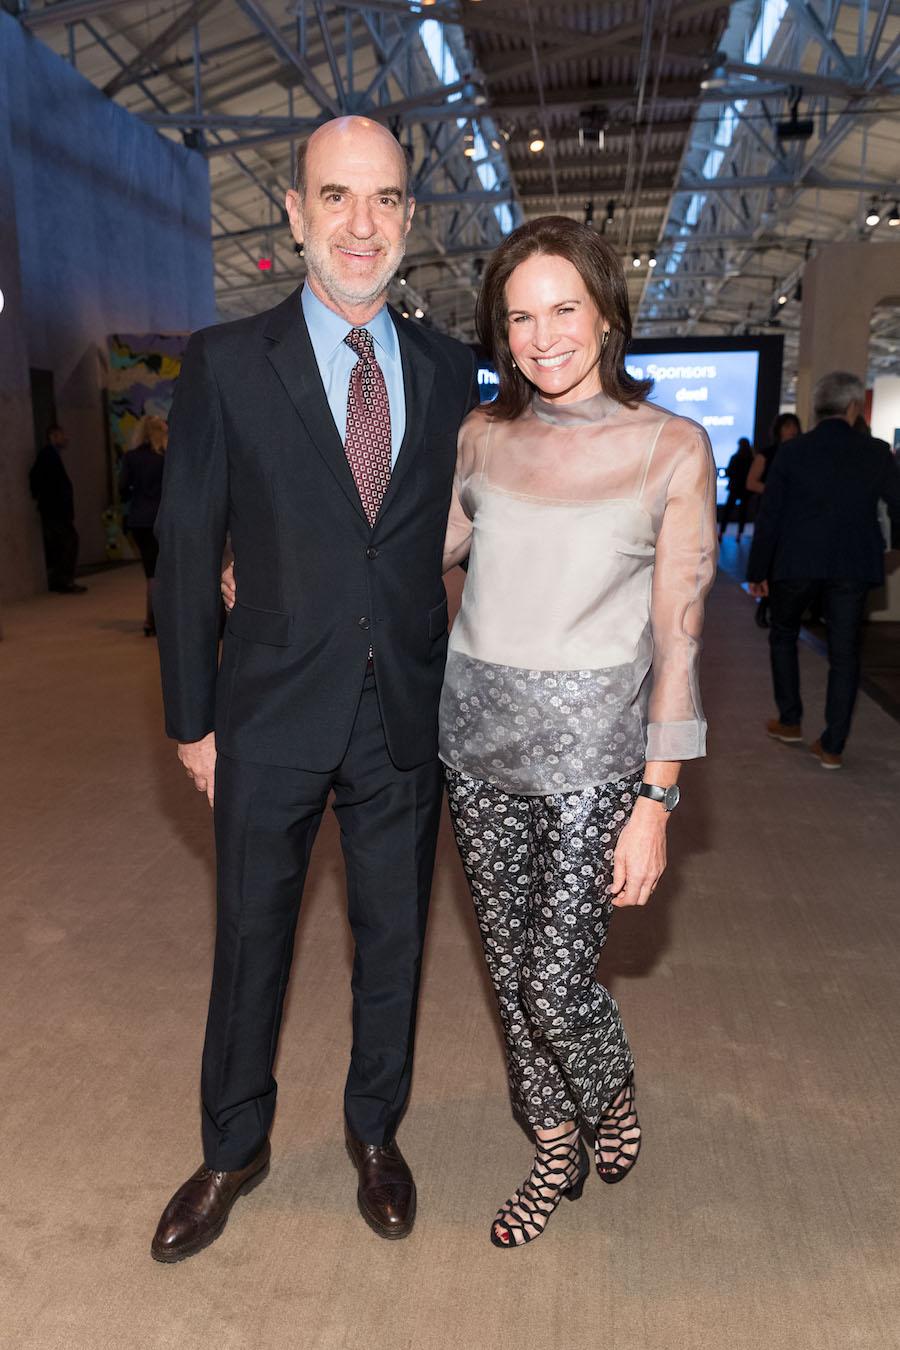 Bob Fisher and Randi Fisher